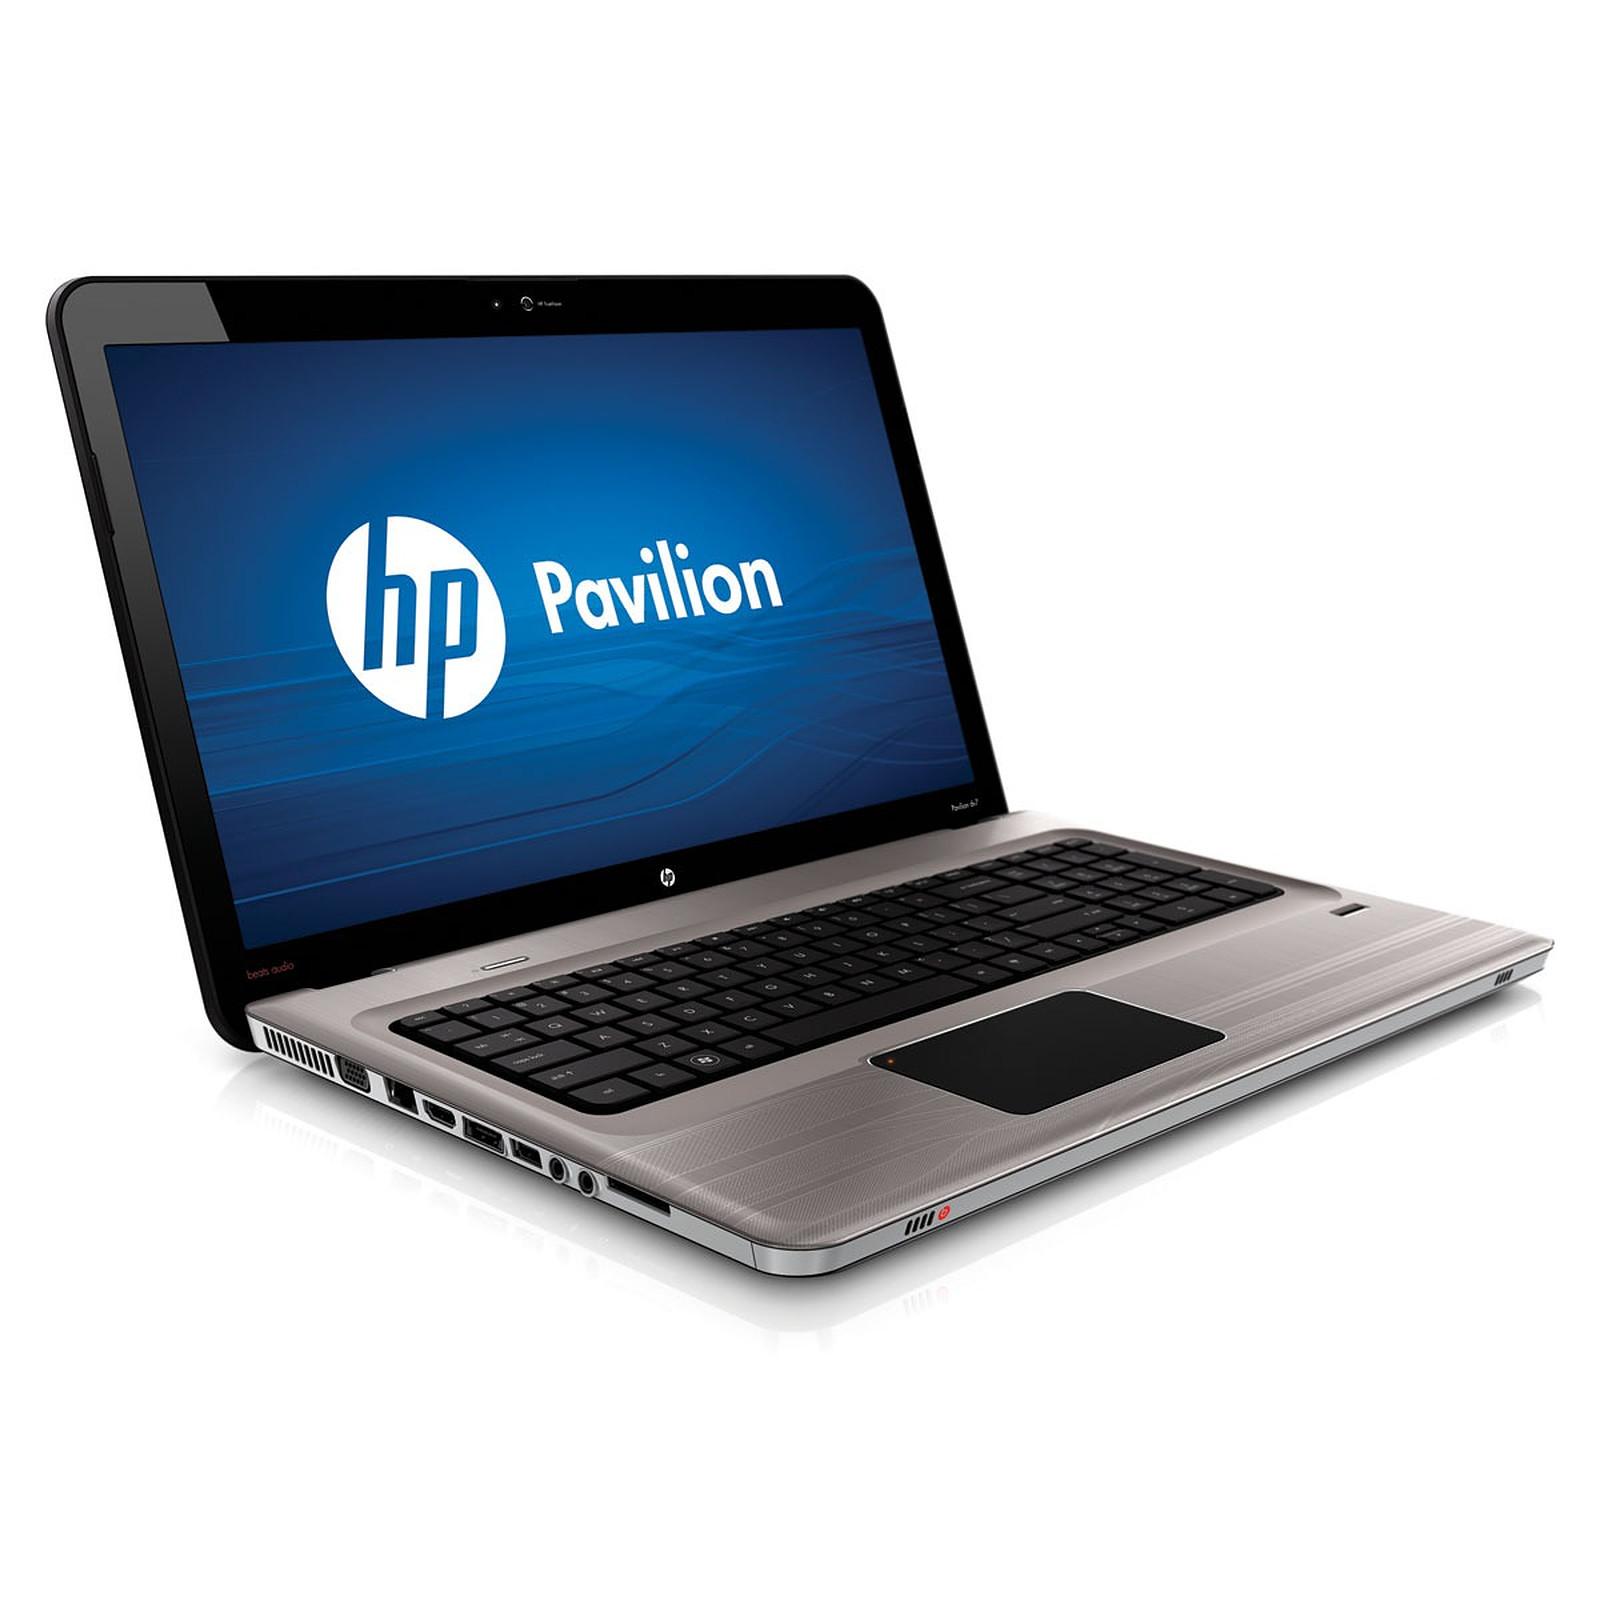 HP Pavilion dv7-4180sf